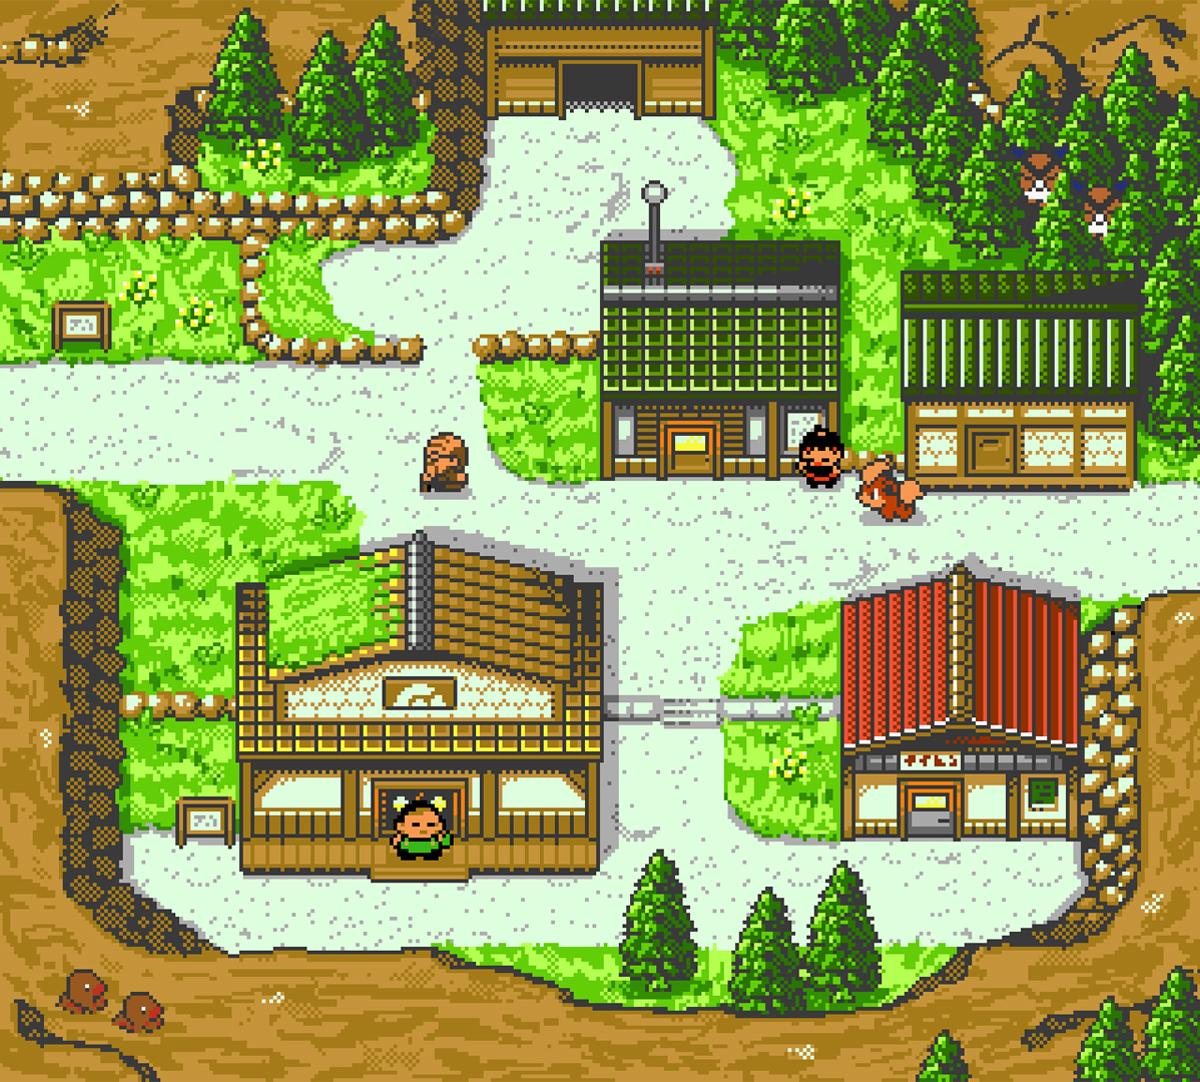 Città di Mogania in Pokémon Oro e Argento, ridisegnata da una fan artist